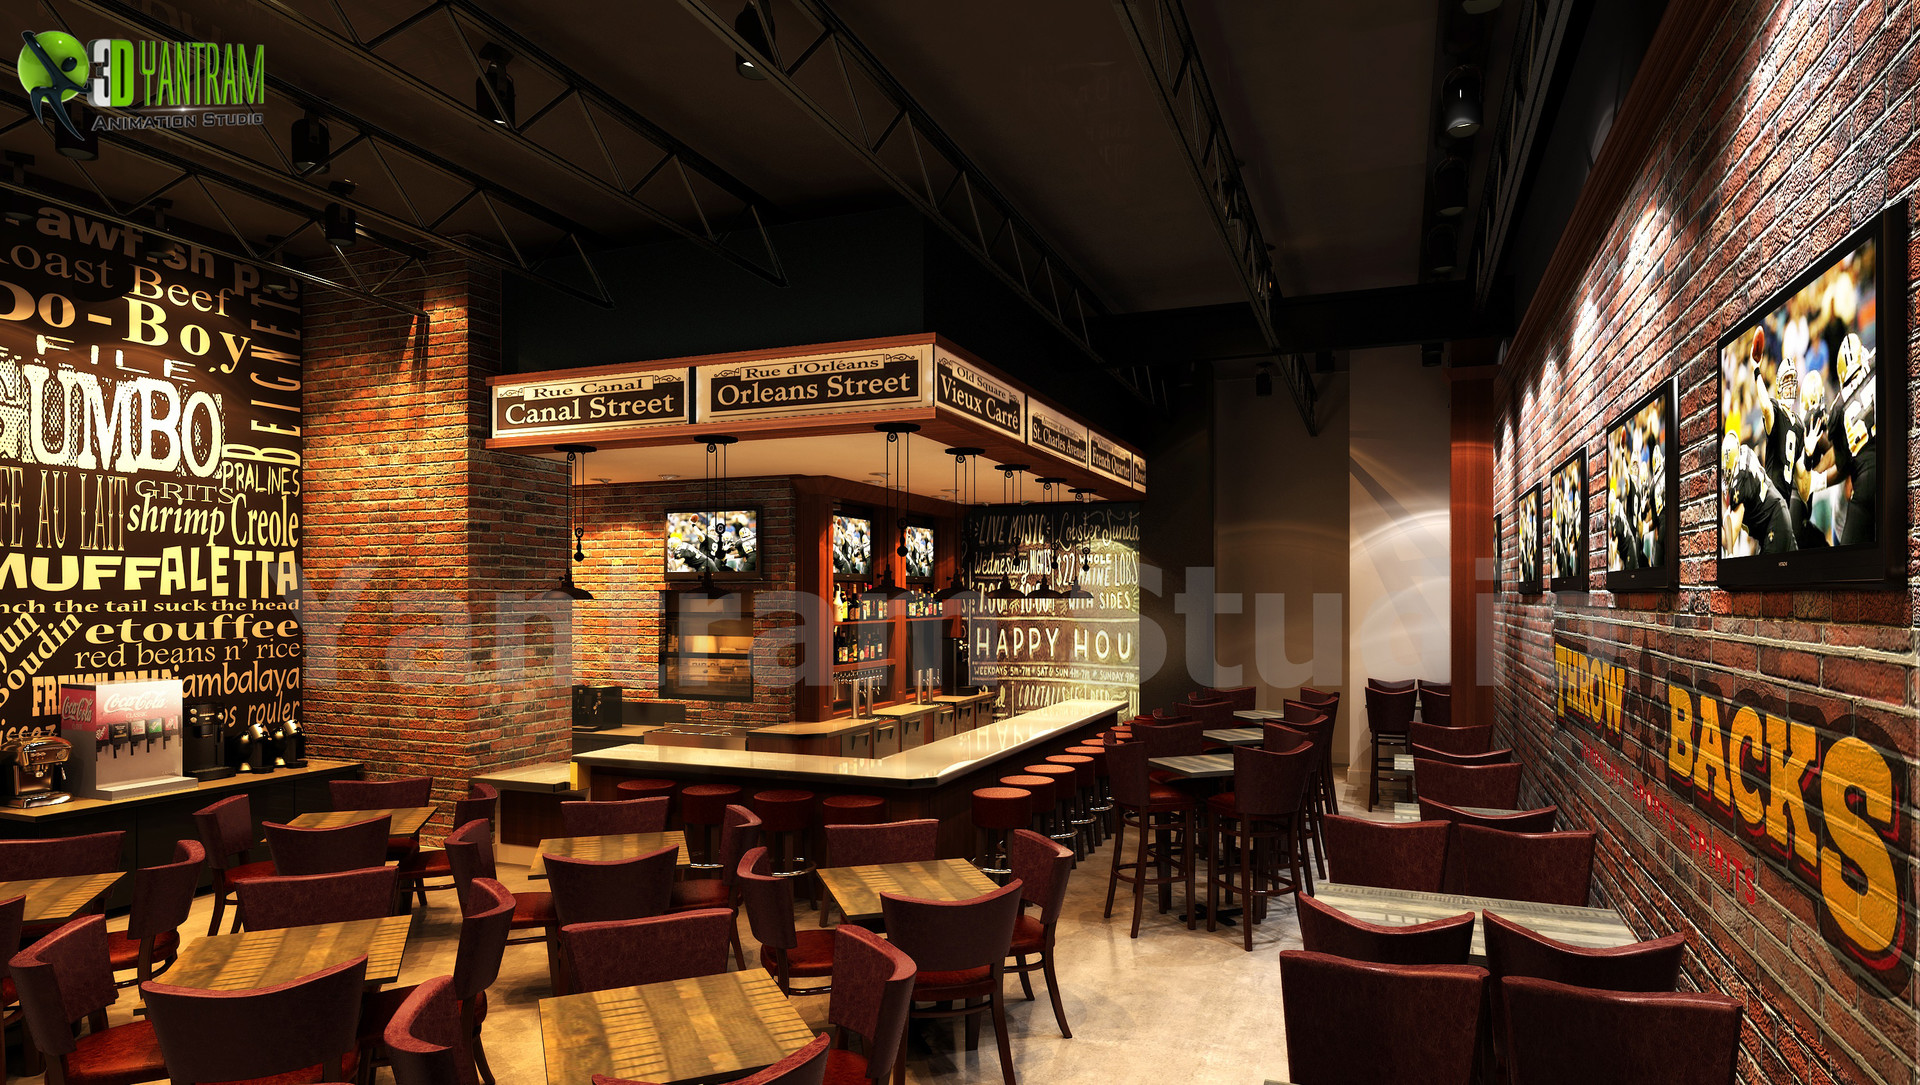 Artstation Stunning Modern 3d Bar Interior Design View Yantram Architectural Design Studio